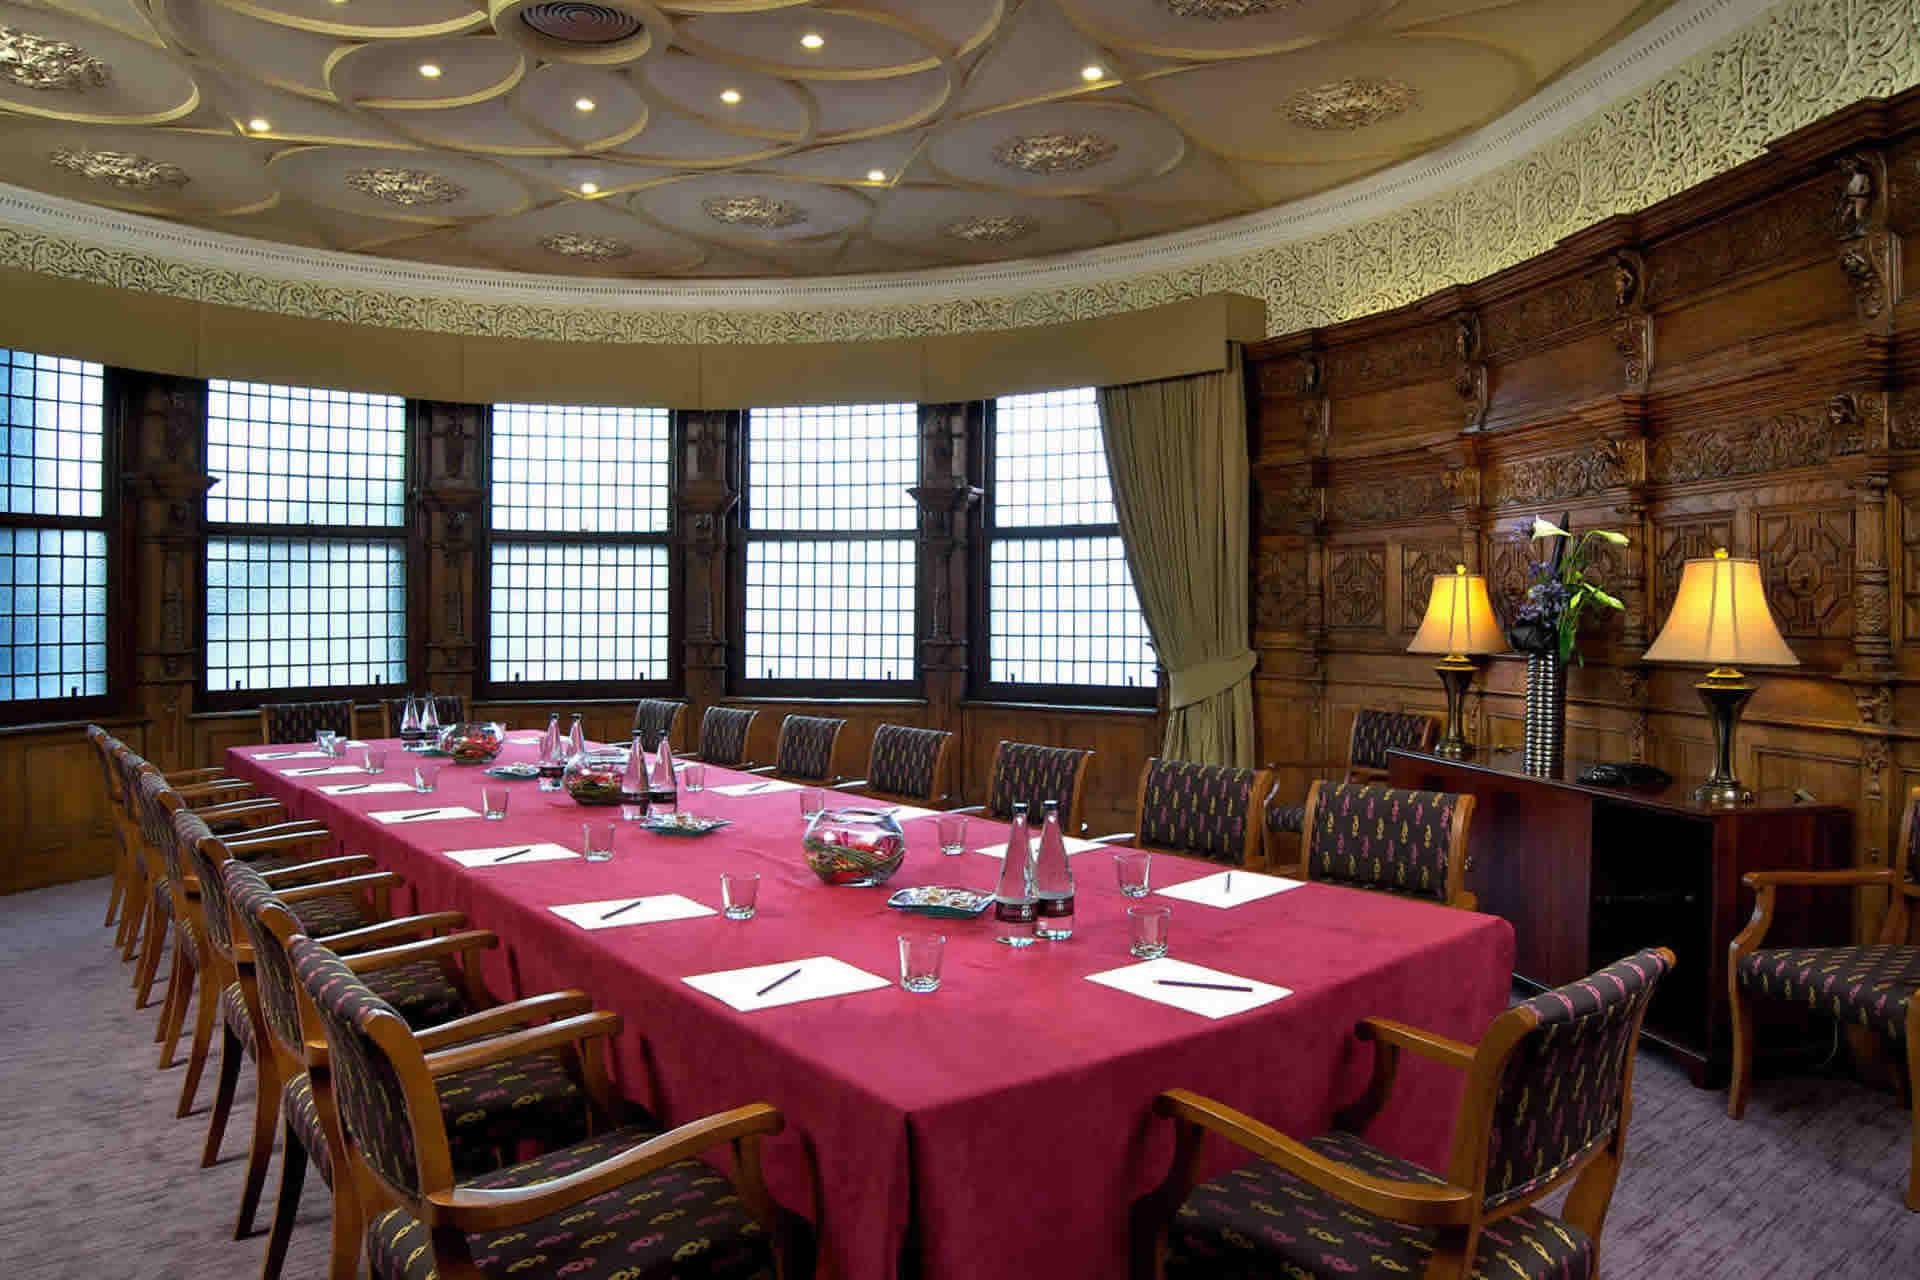 quebecs dining room